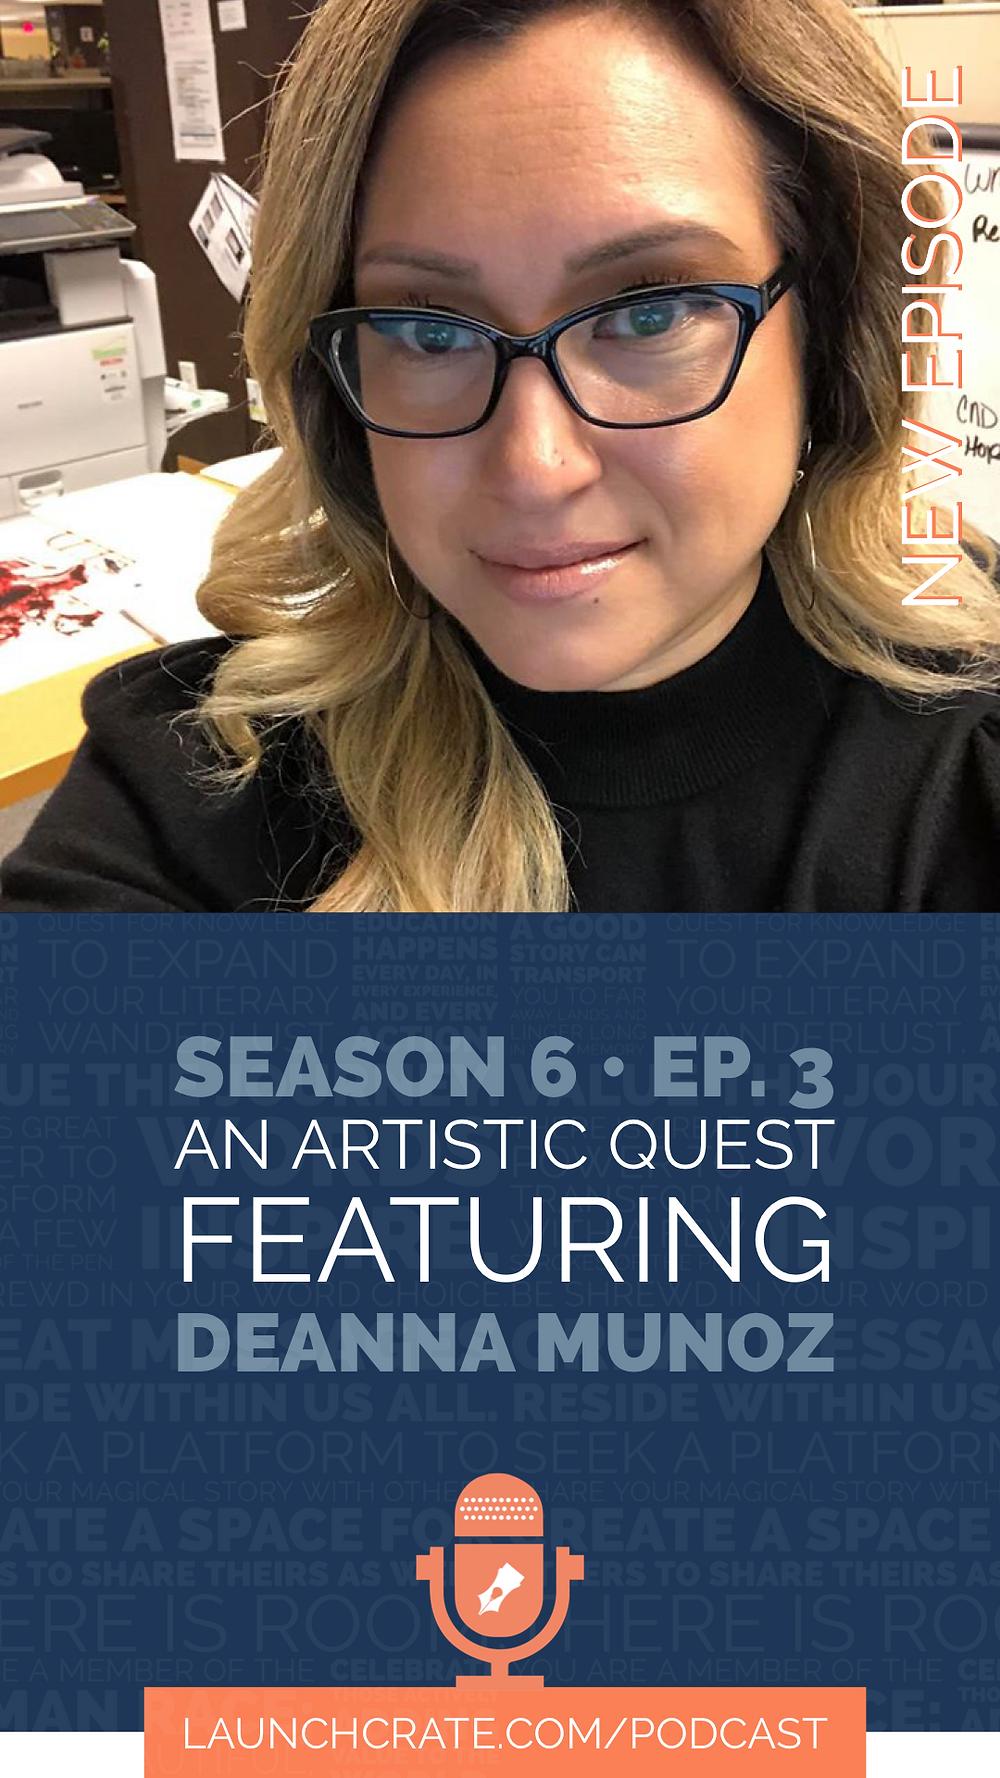 Podcast Season 6, Episode 3, with Deanna Munoz